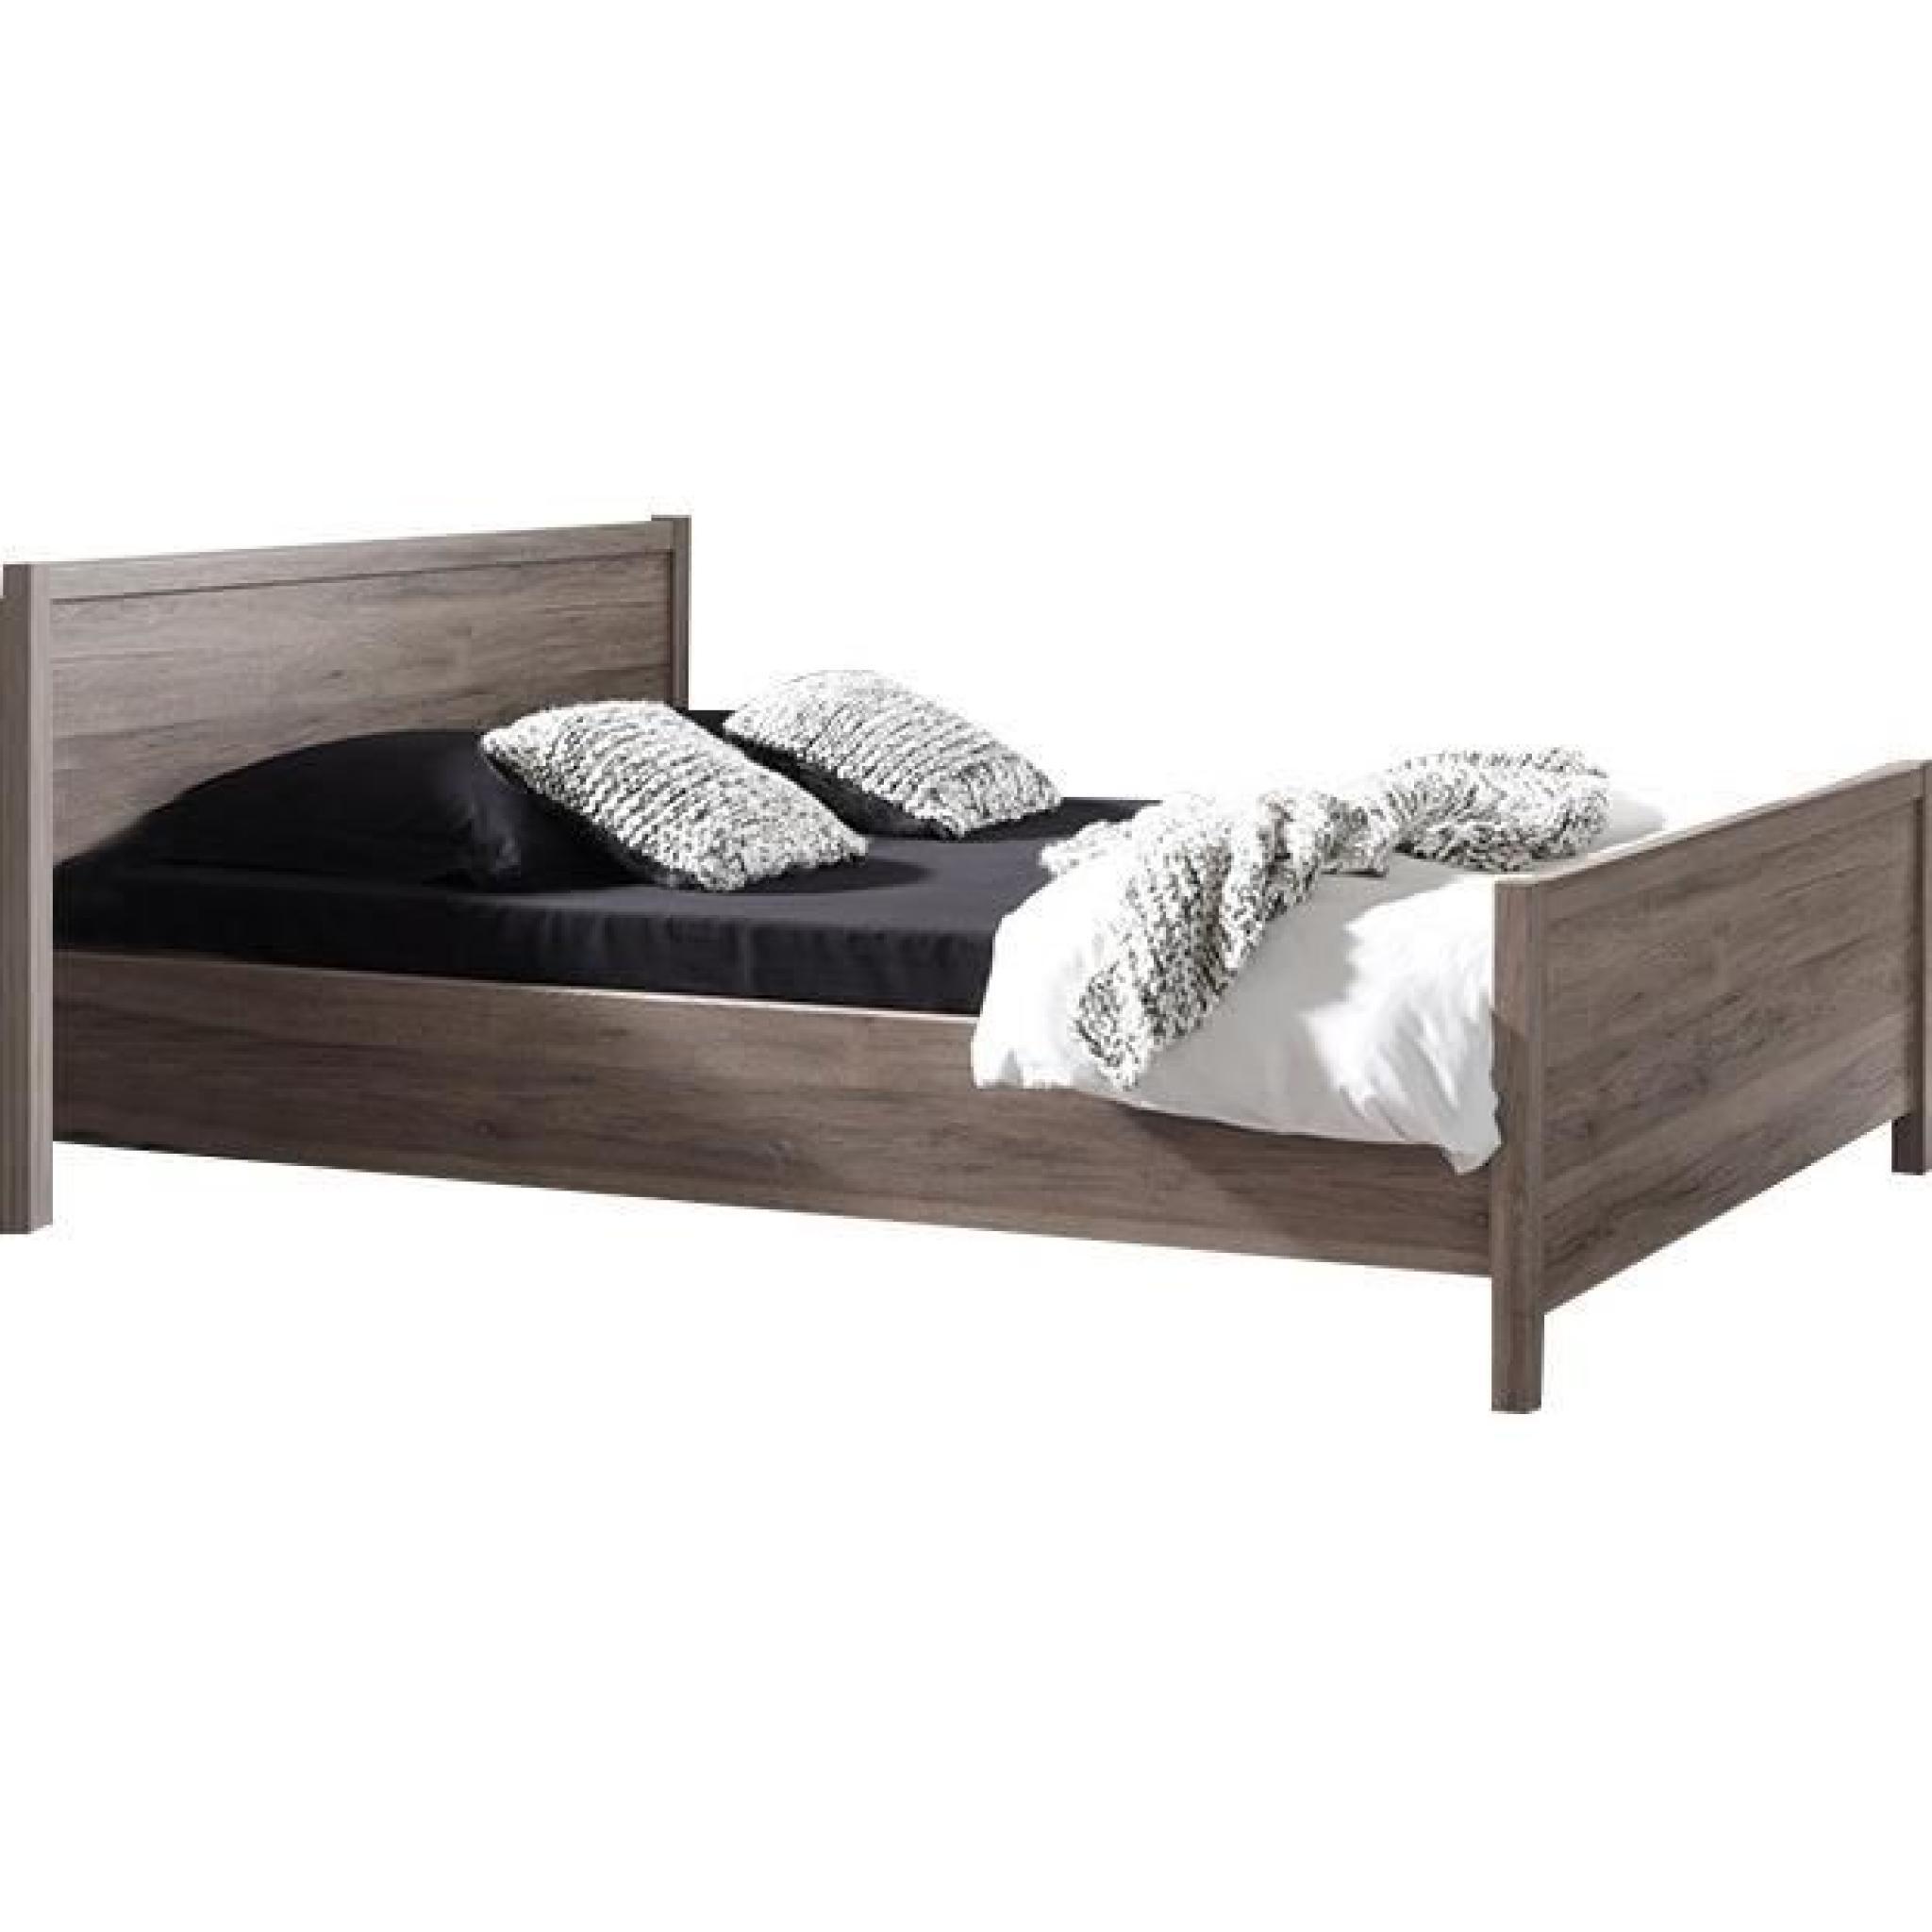 lit adulte 140x200 en bois - achat/vente lit pas cher - couleur-et